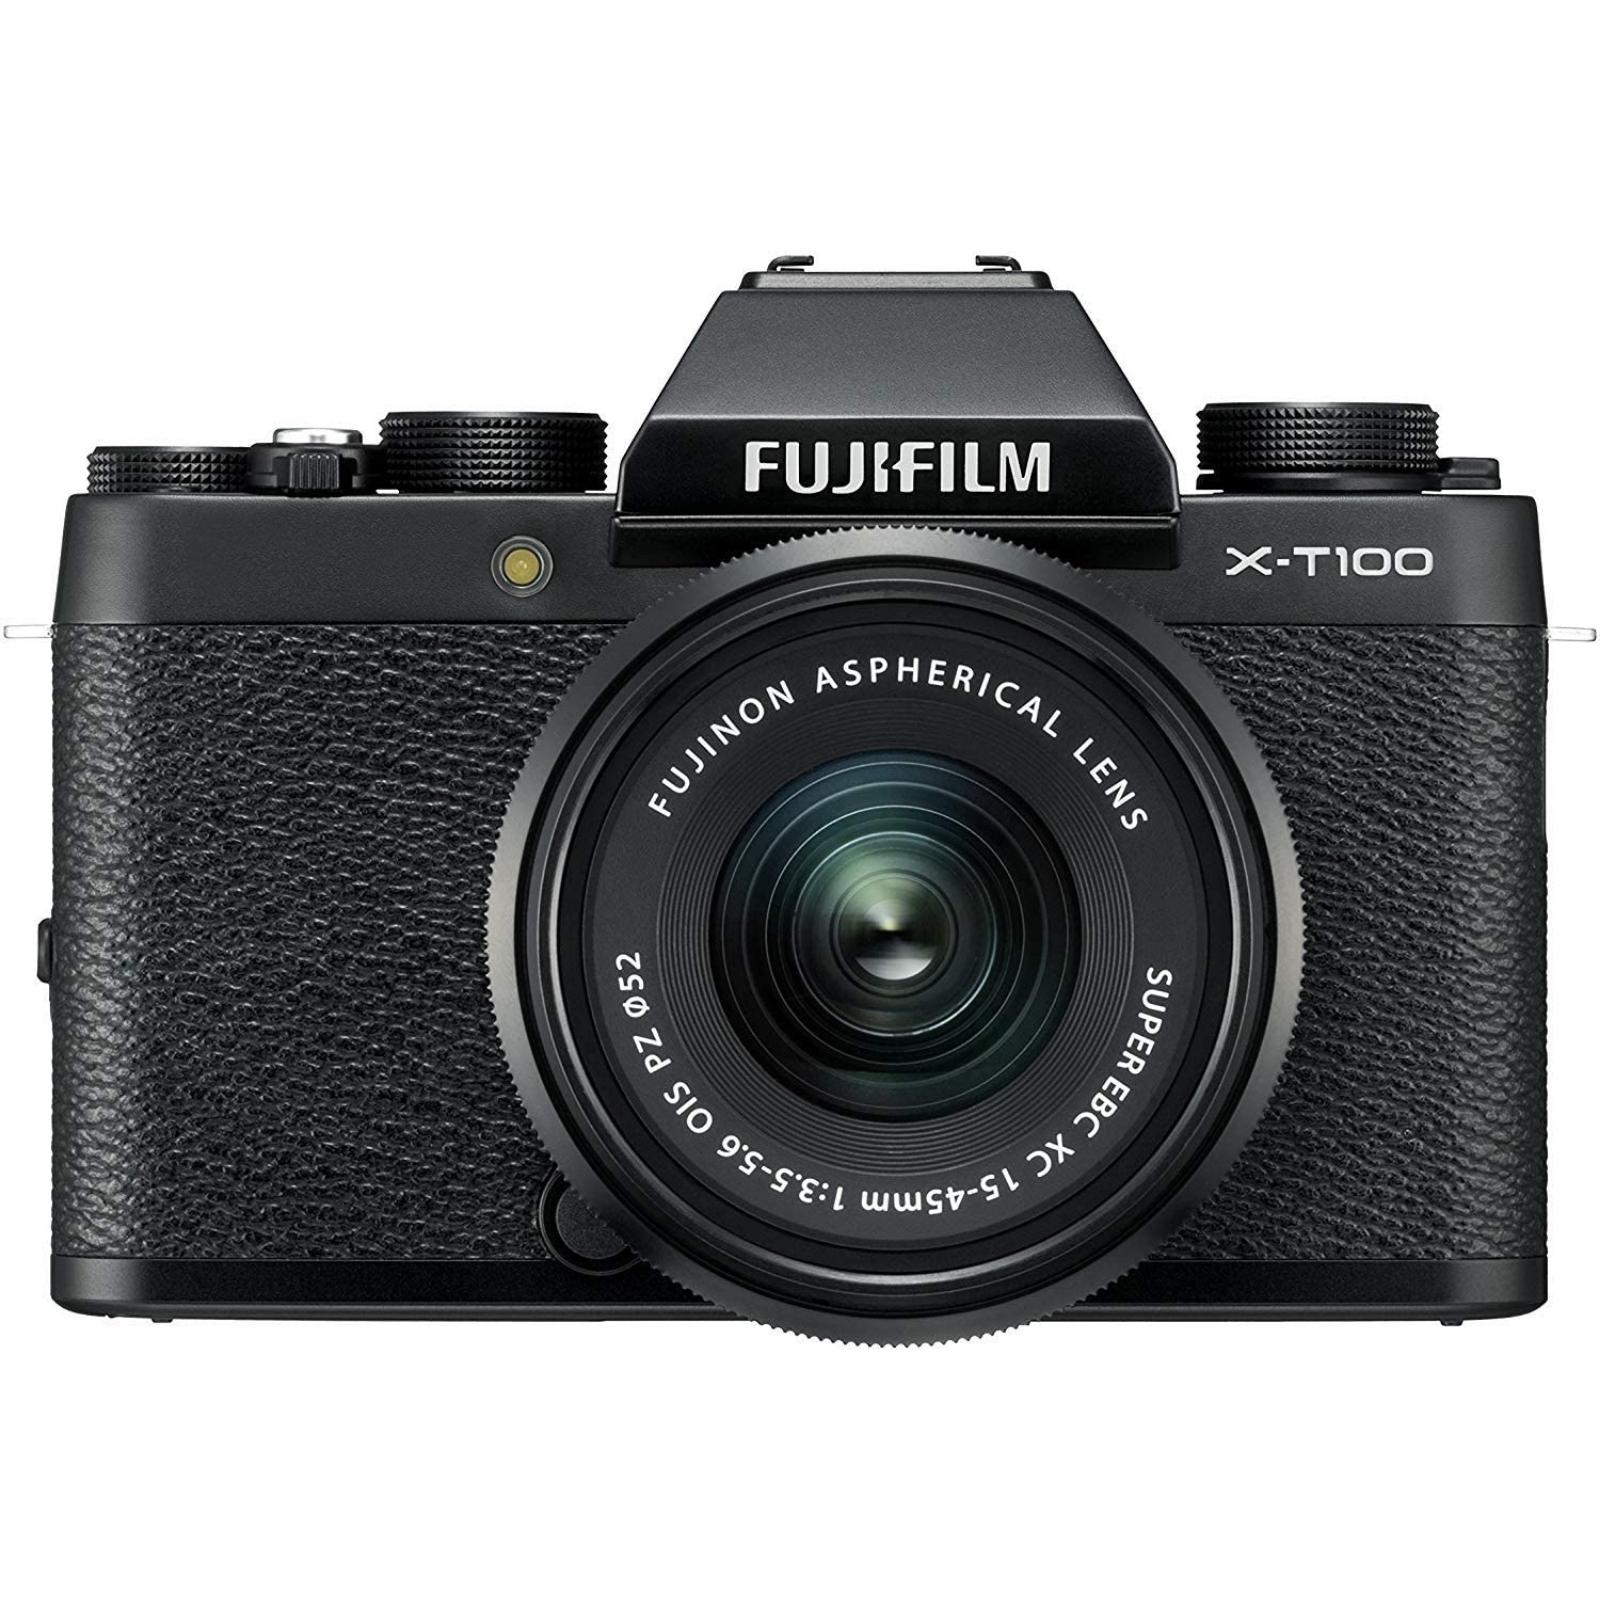 FUJIFILM 富士フィルム ミラーレス一眼カメラ X-T100 レンズキット ブラック X-T100LK-B 新品